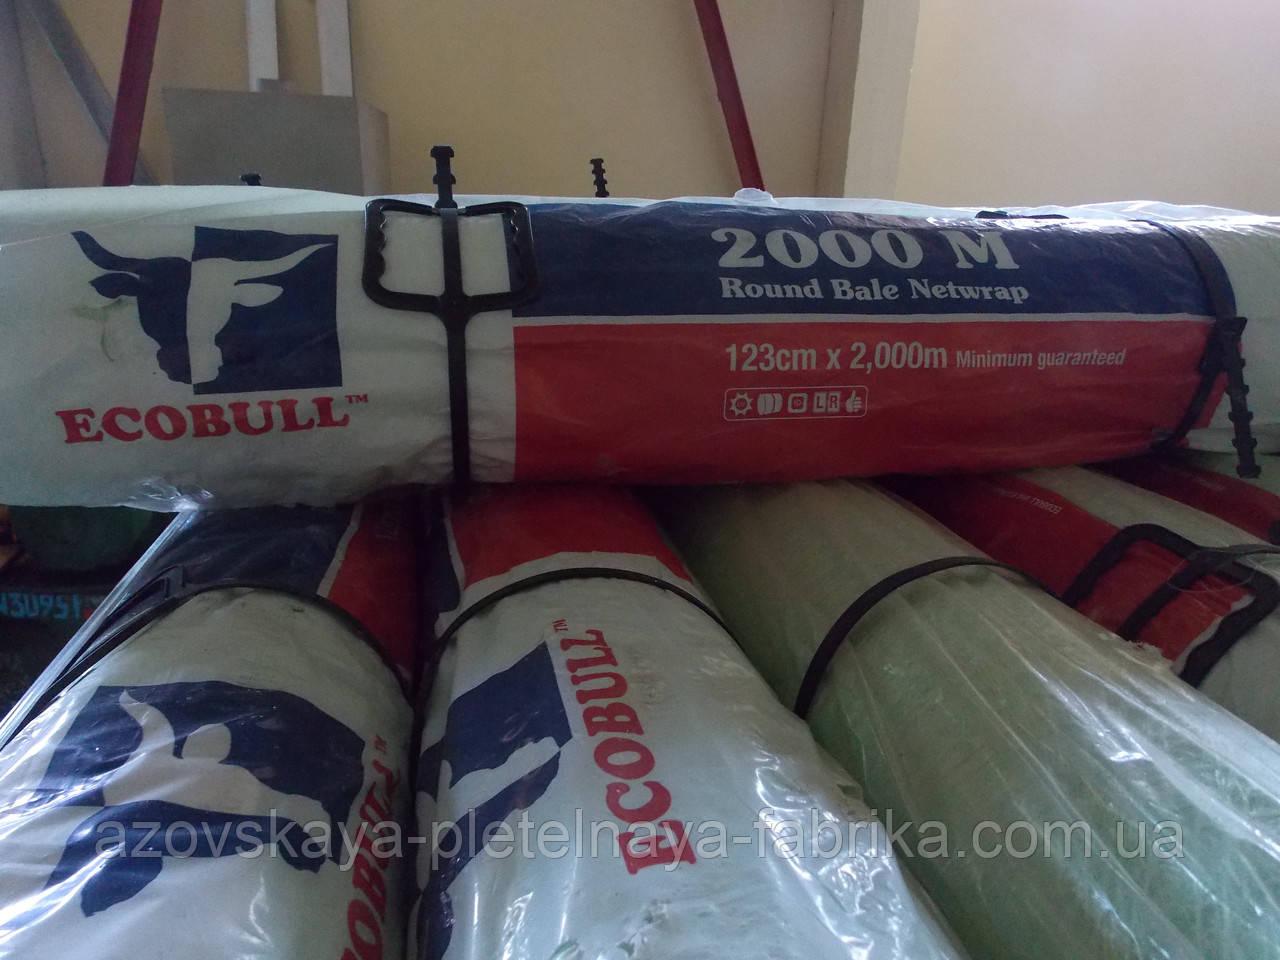 Сетка сеновязальная EcoBull для тюкования сена 123см*2000м